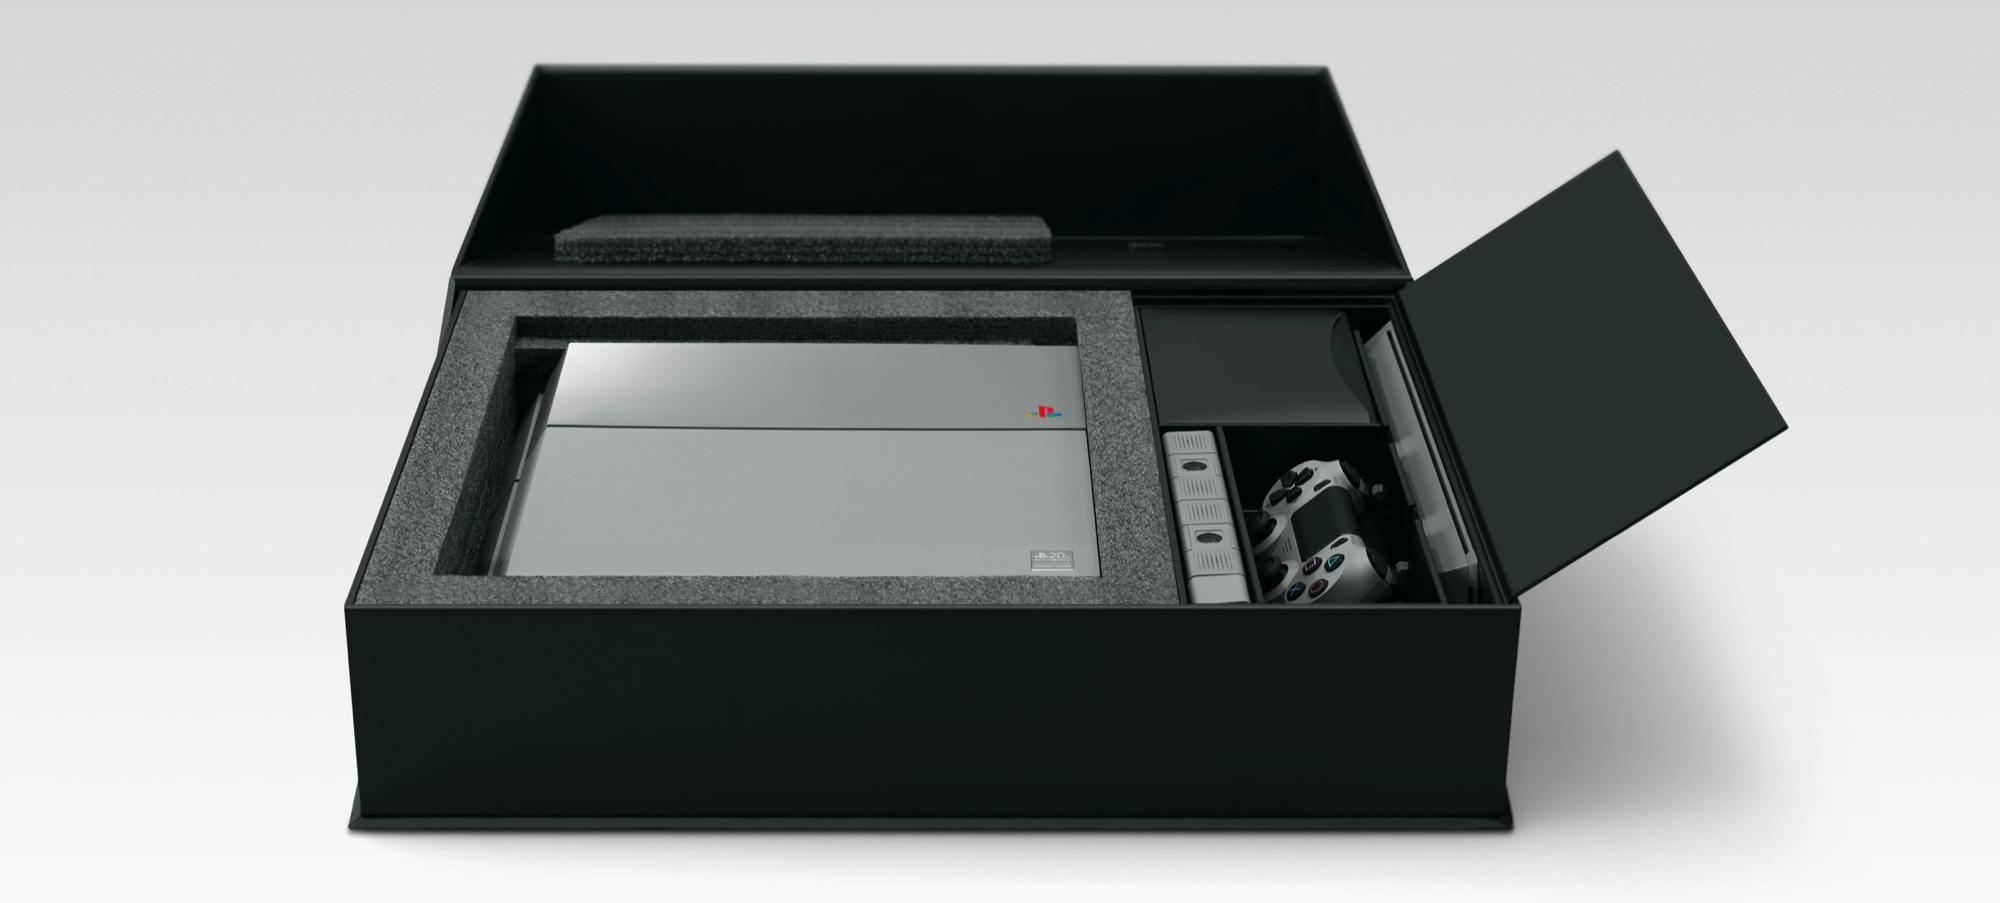 Foto de PlayStation 4 Edición Limitada 20 Aniversario (2/6)